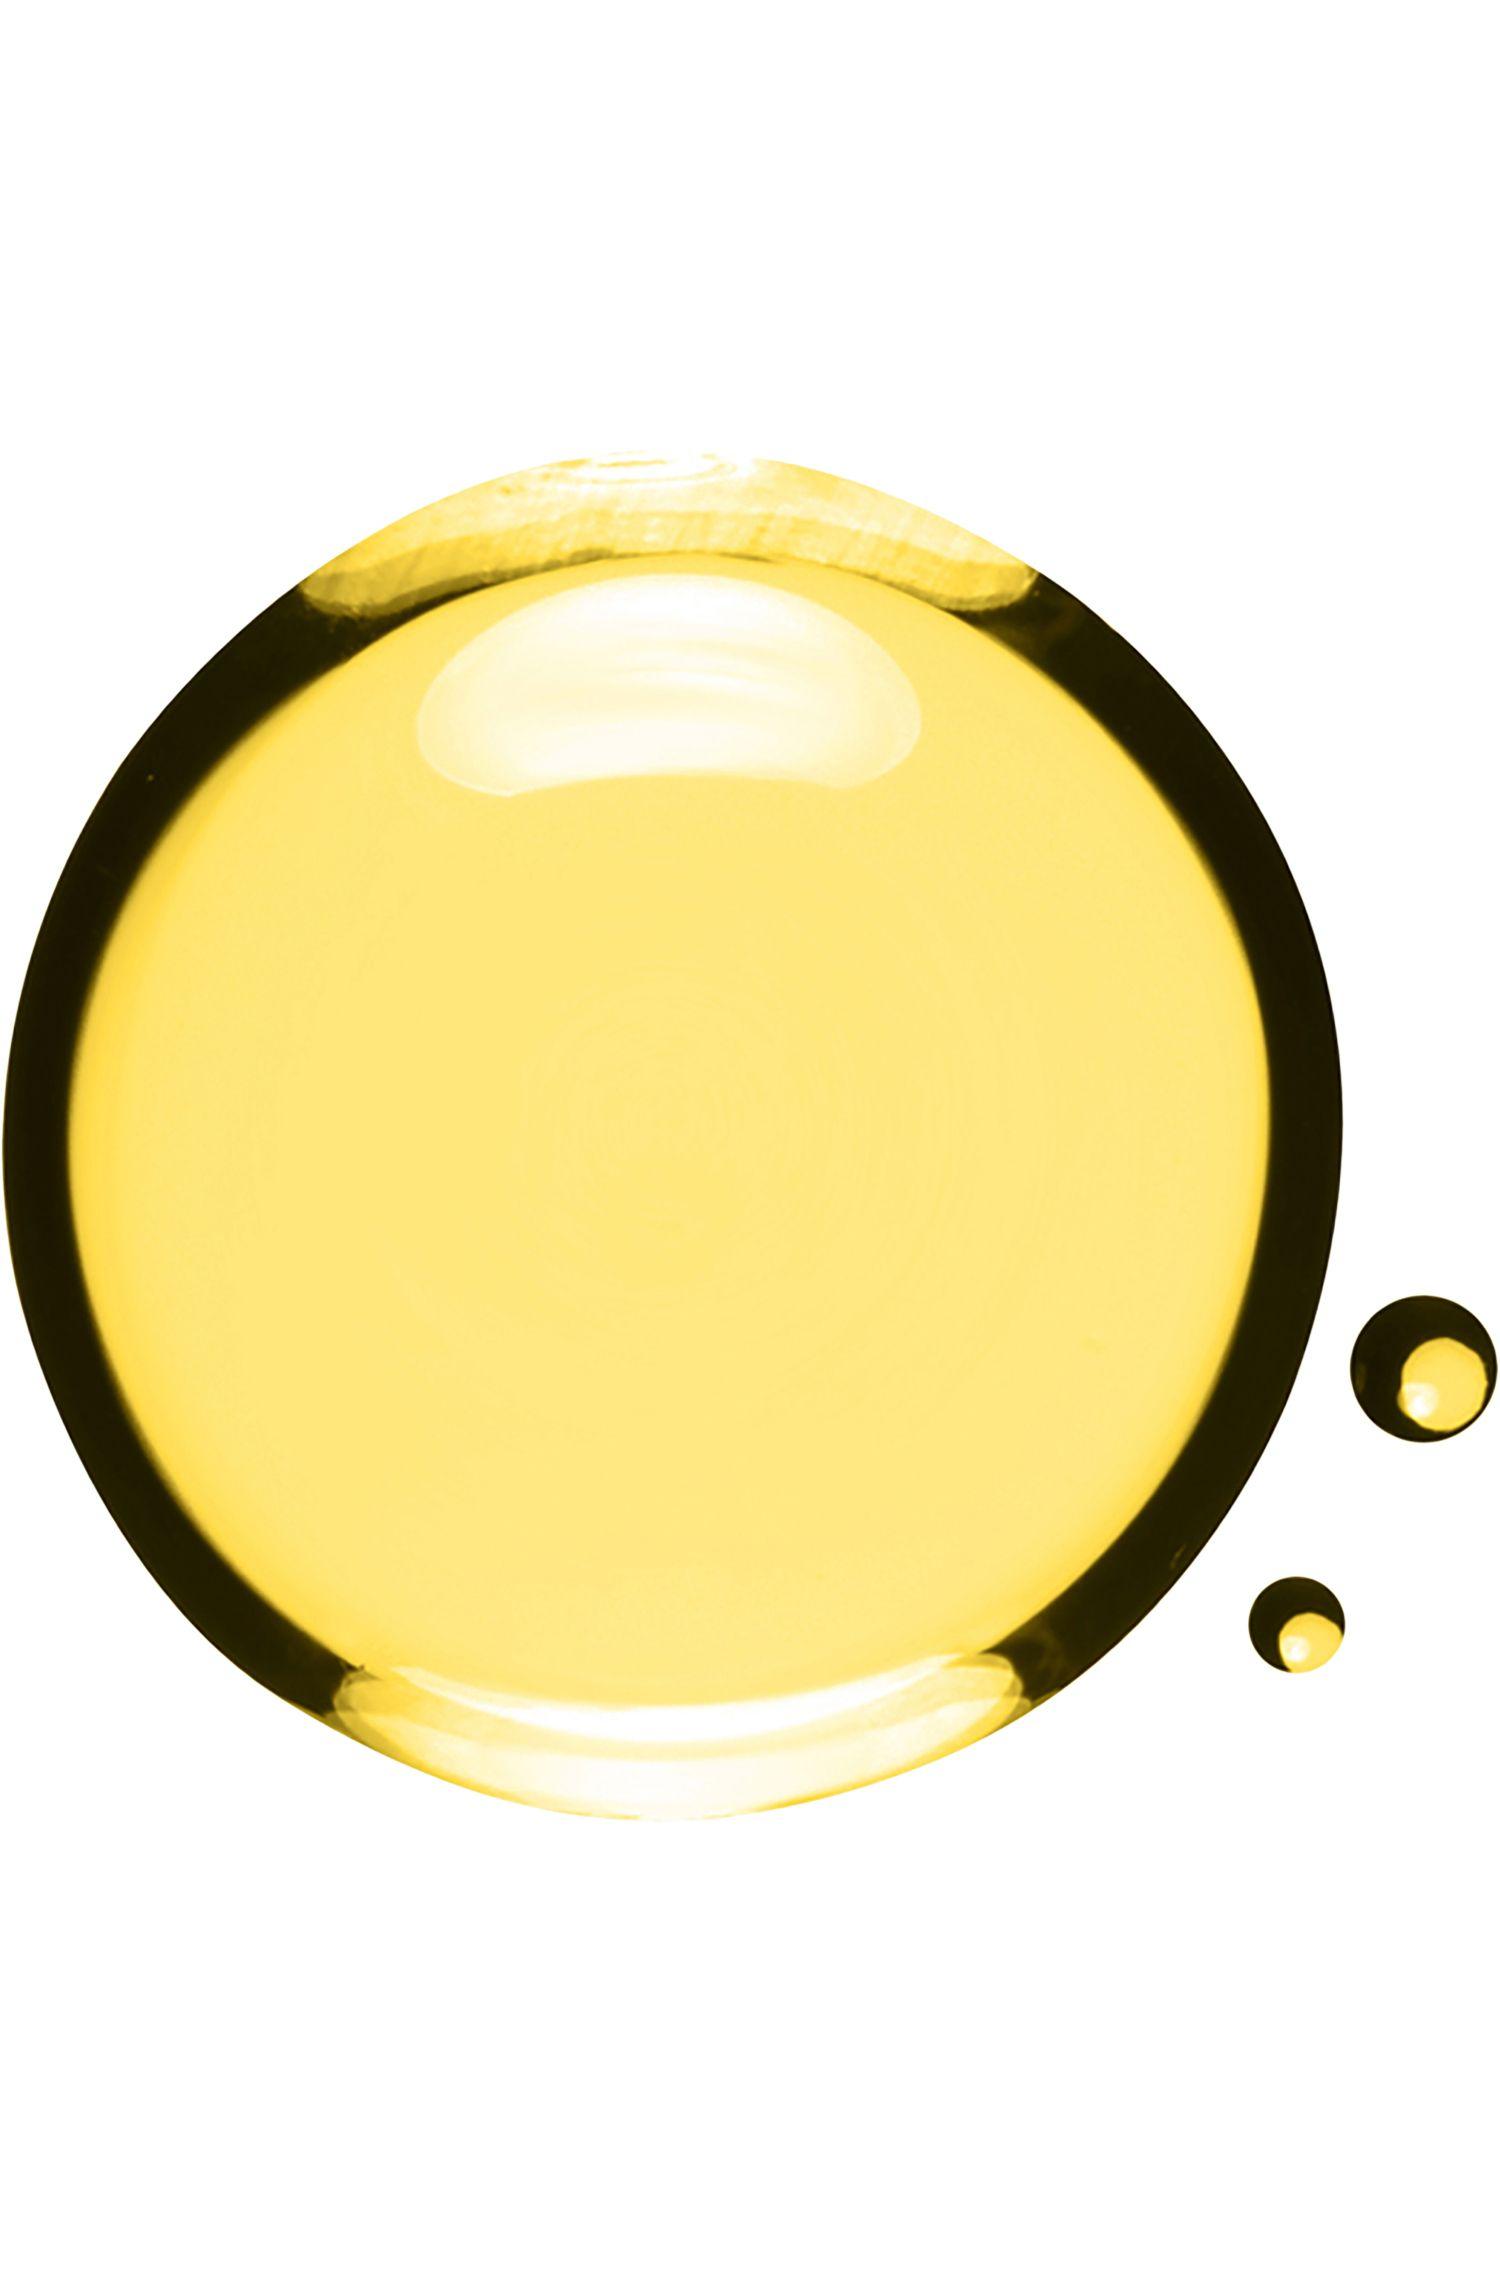 Blissim : Clarins - Huile visage peaux sèches au santal 100% purs extraits de plantes - Huile visage peaux sèches au santal 100% purs extraits de plantes